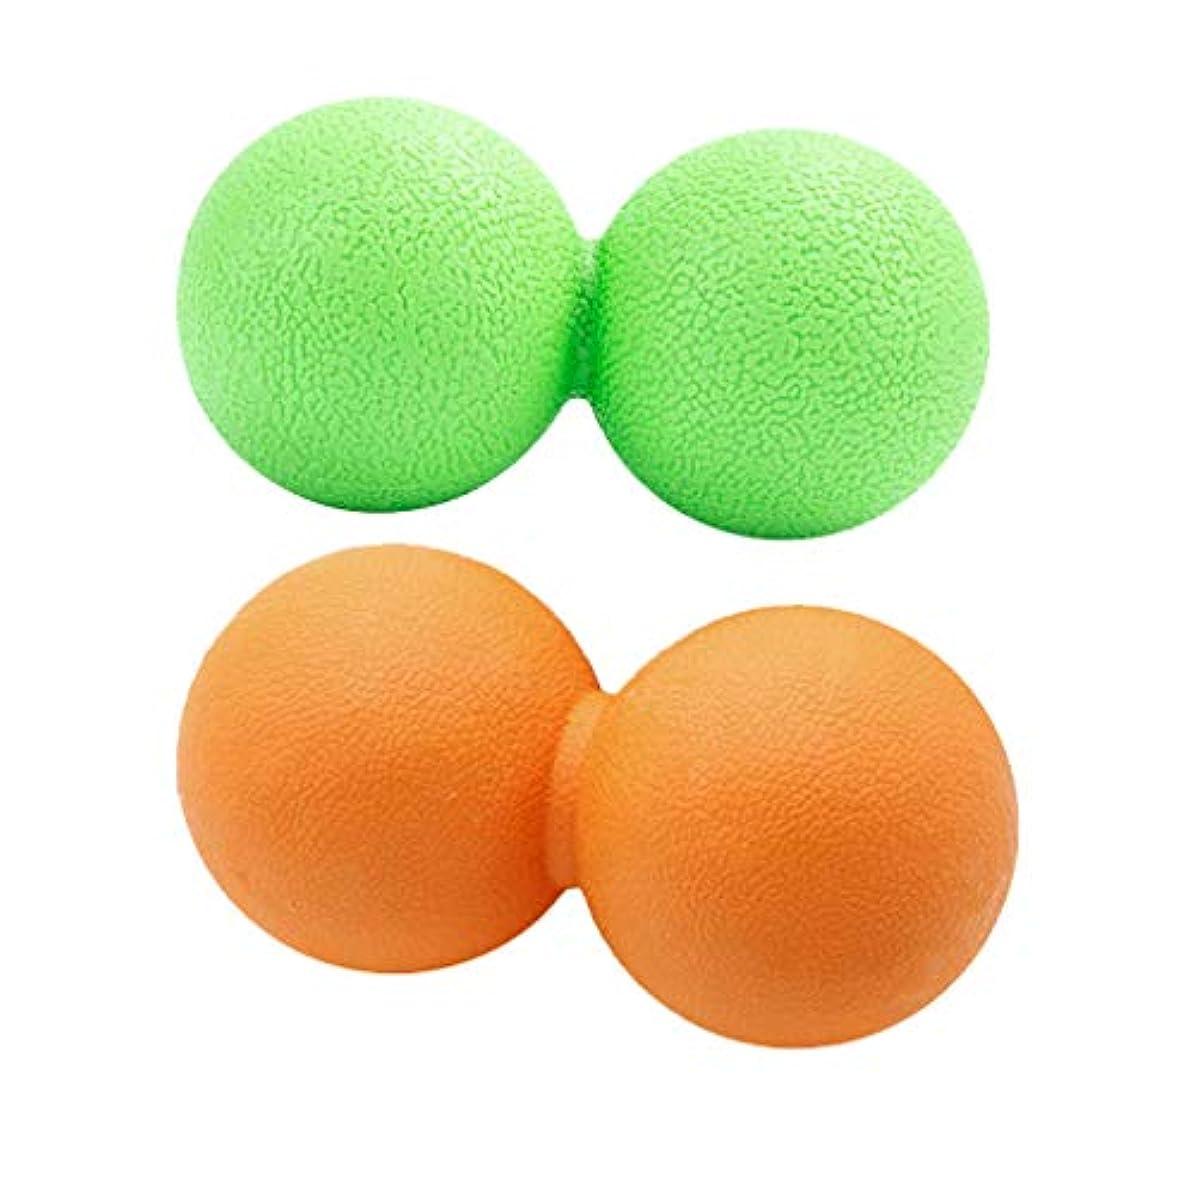 キリンボトルコメンテーターマッサージボール ピーナッツ型 筋膜リリース トリガーポイント 緊張緩和 健康グッズ 2個入